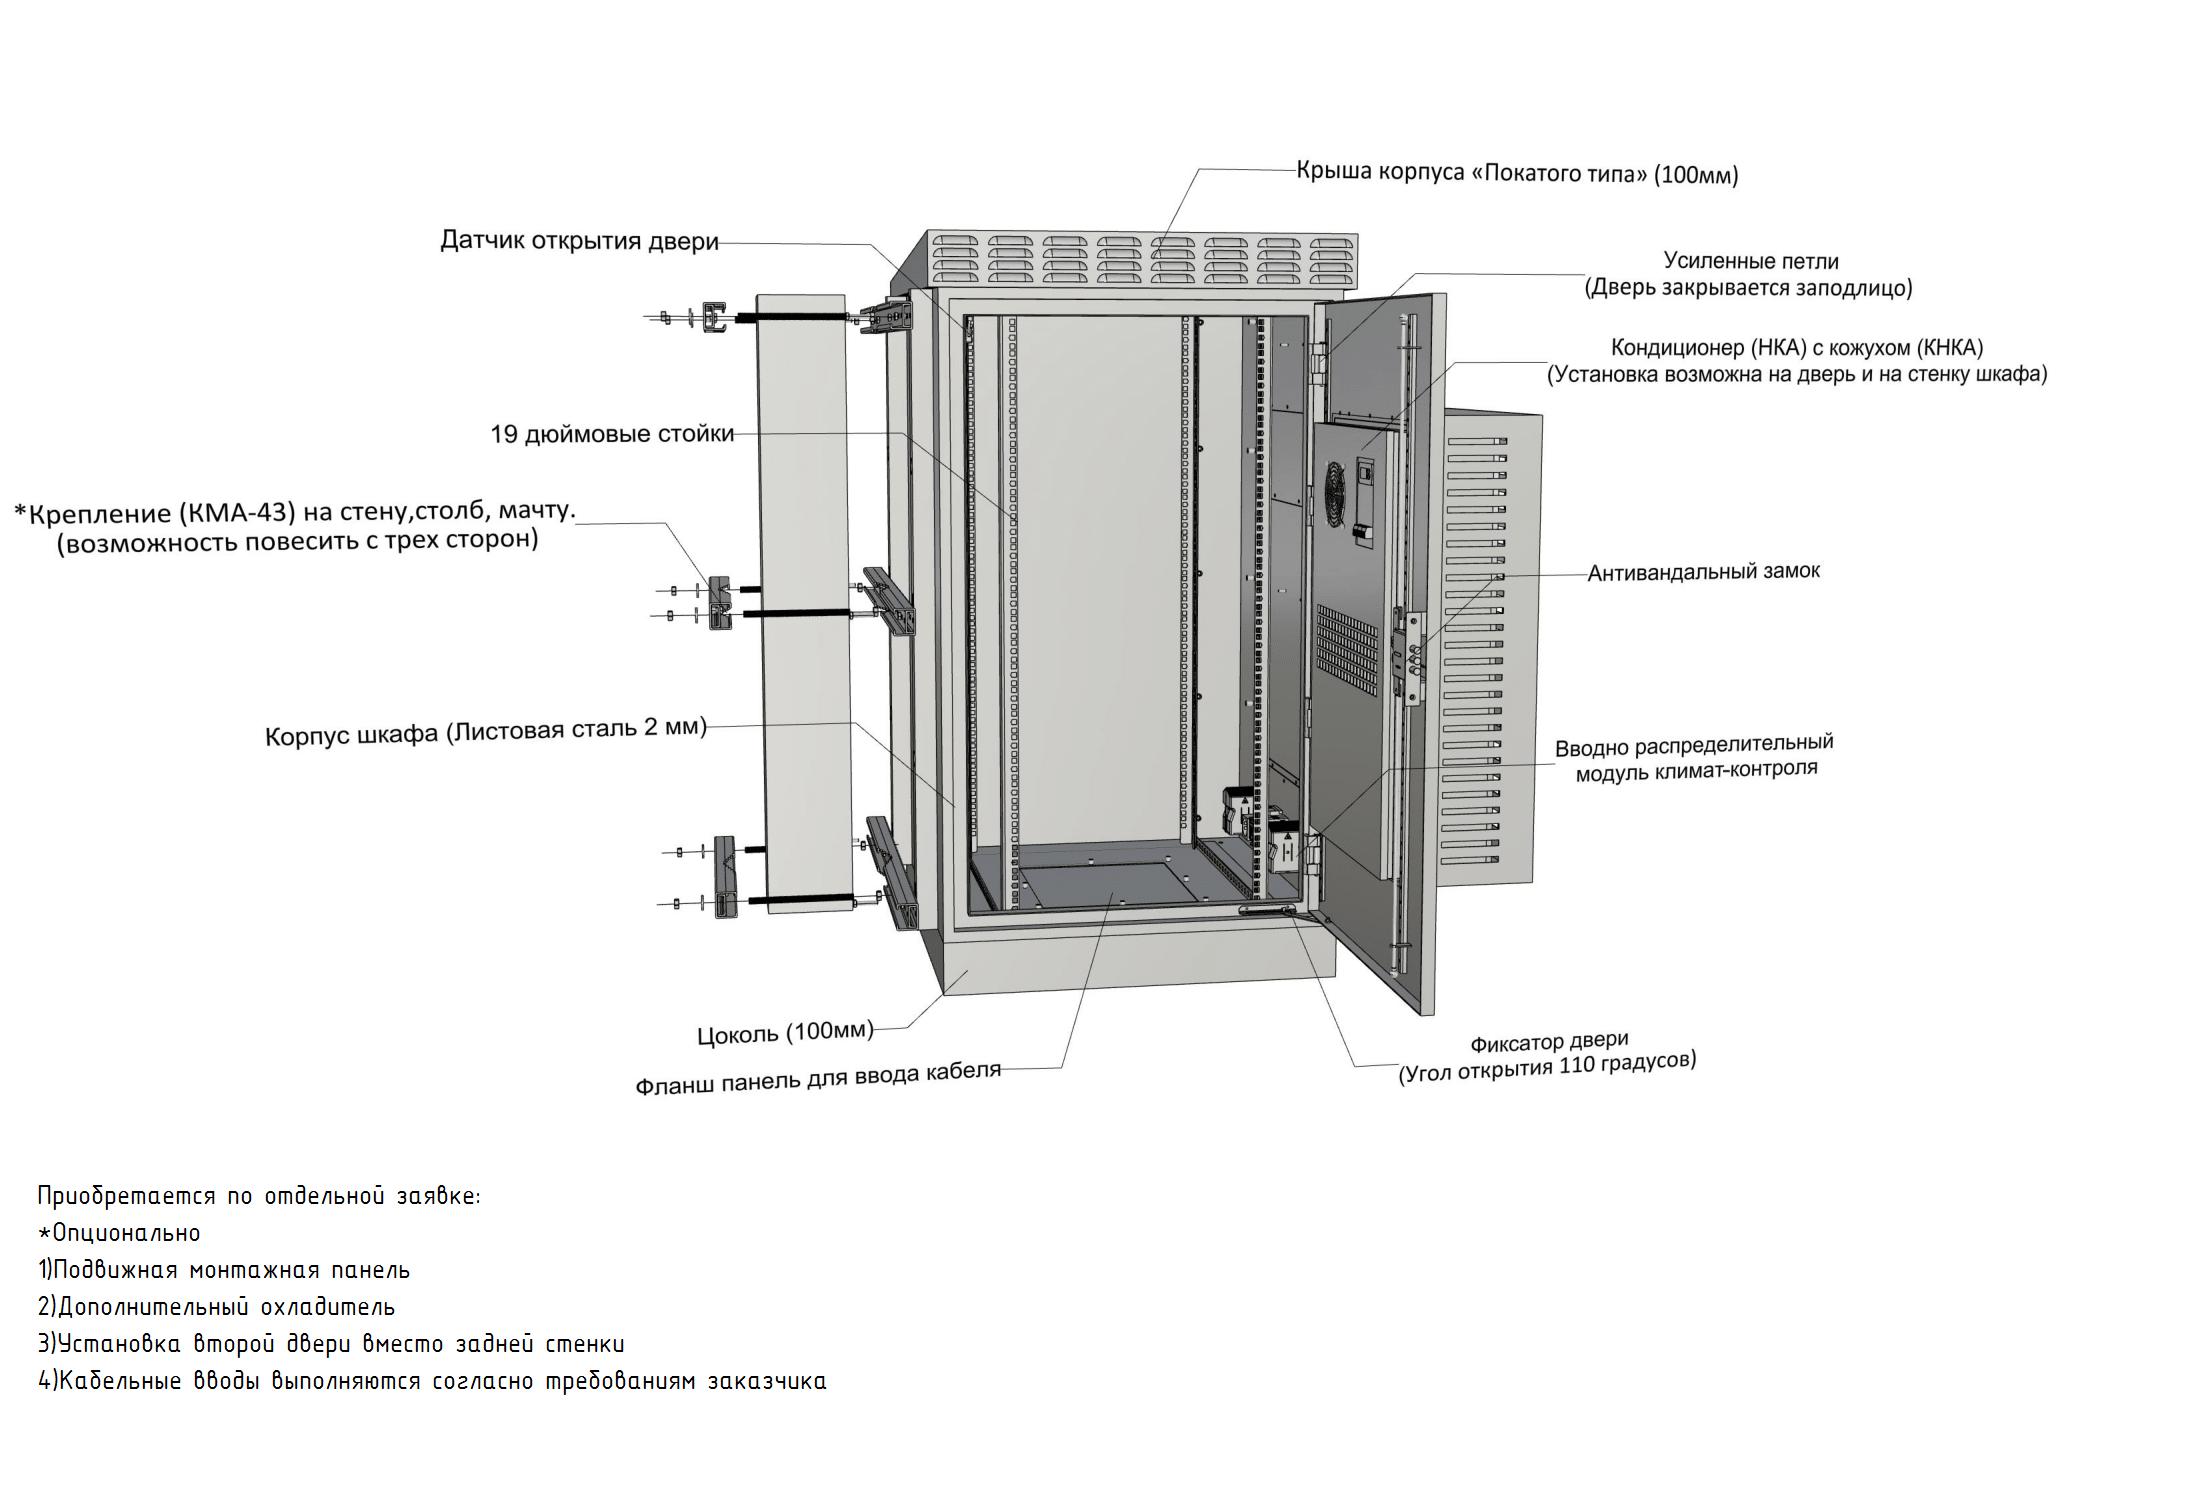 Термошкафы с охлаждением